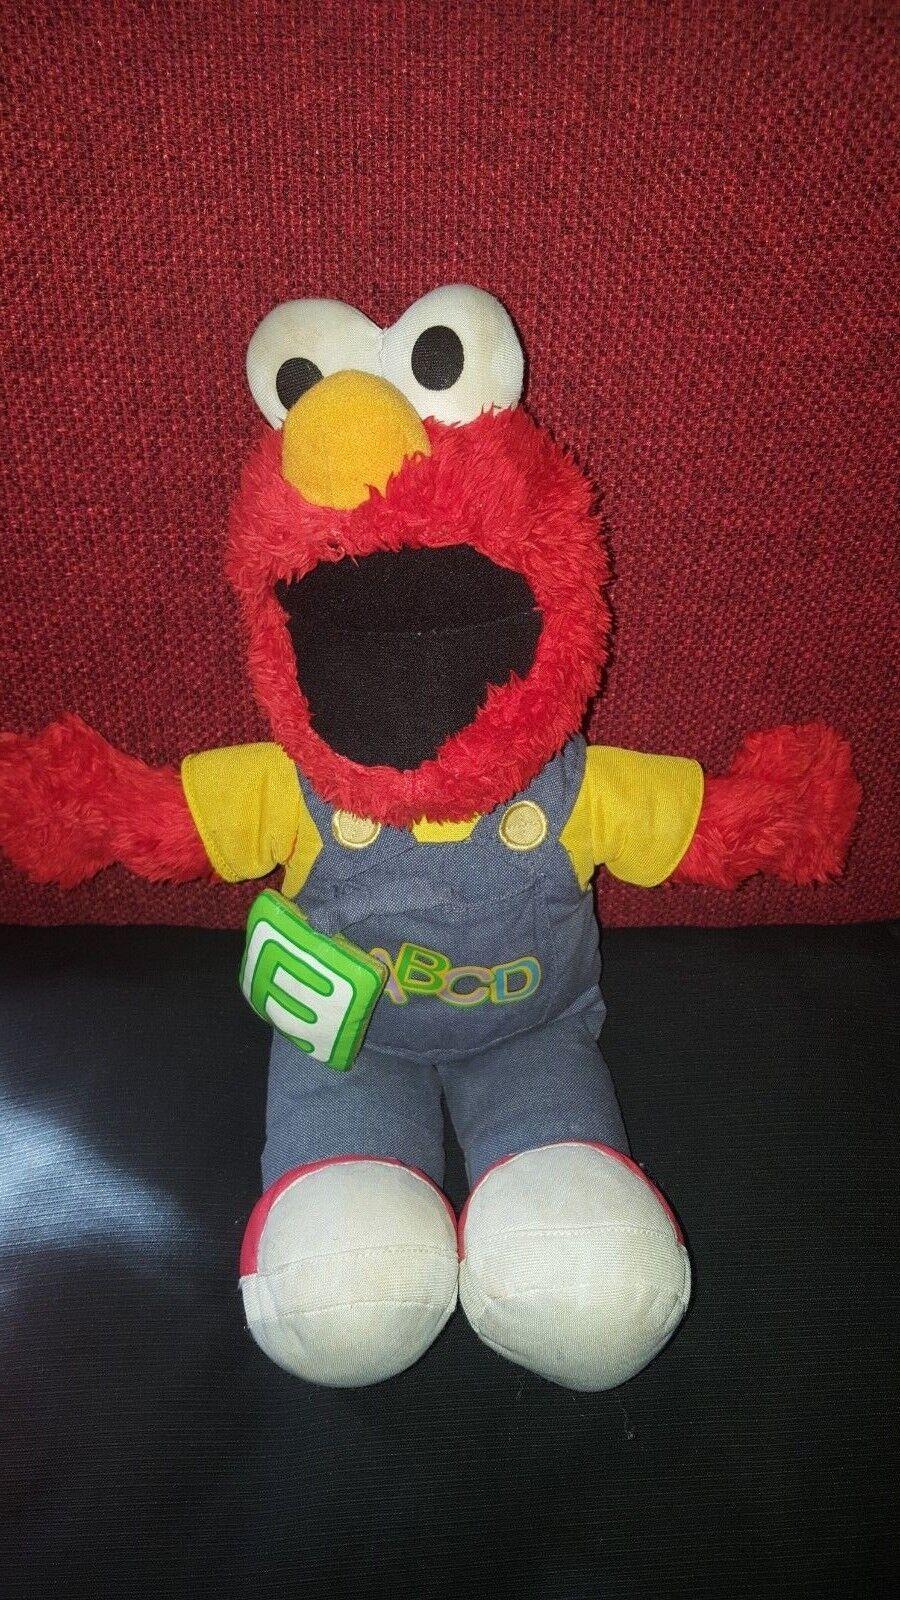 Fisher Price / Mattel 2008 - Sesamstrasse - ABC Elmo - spricht & singt englisch